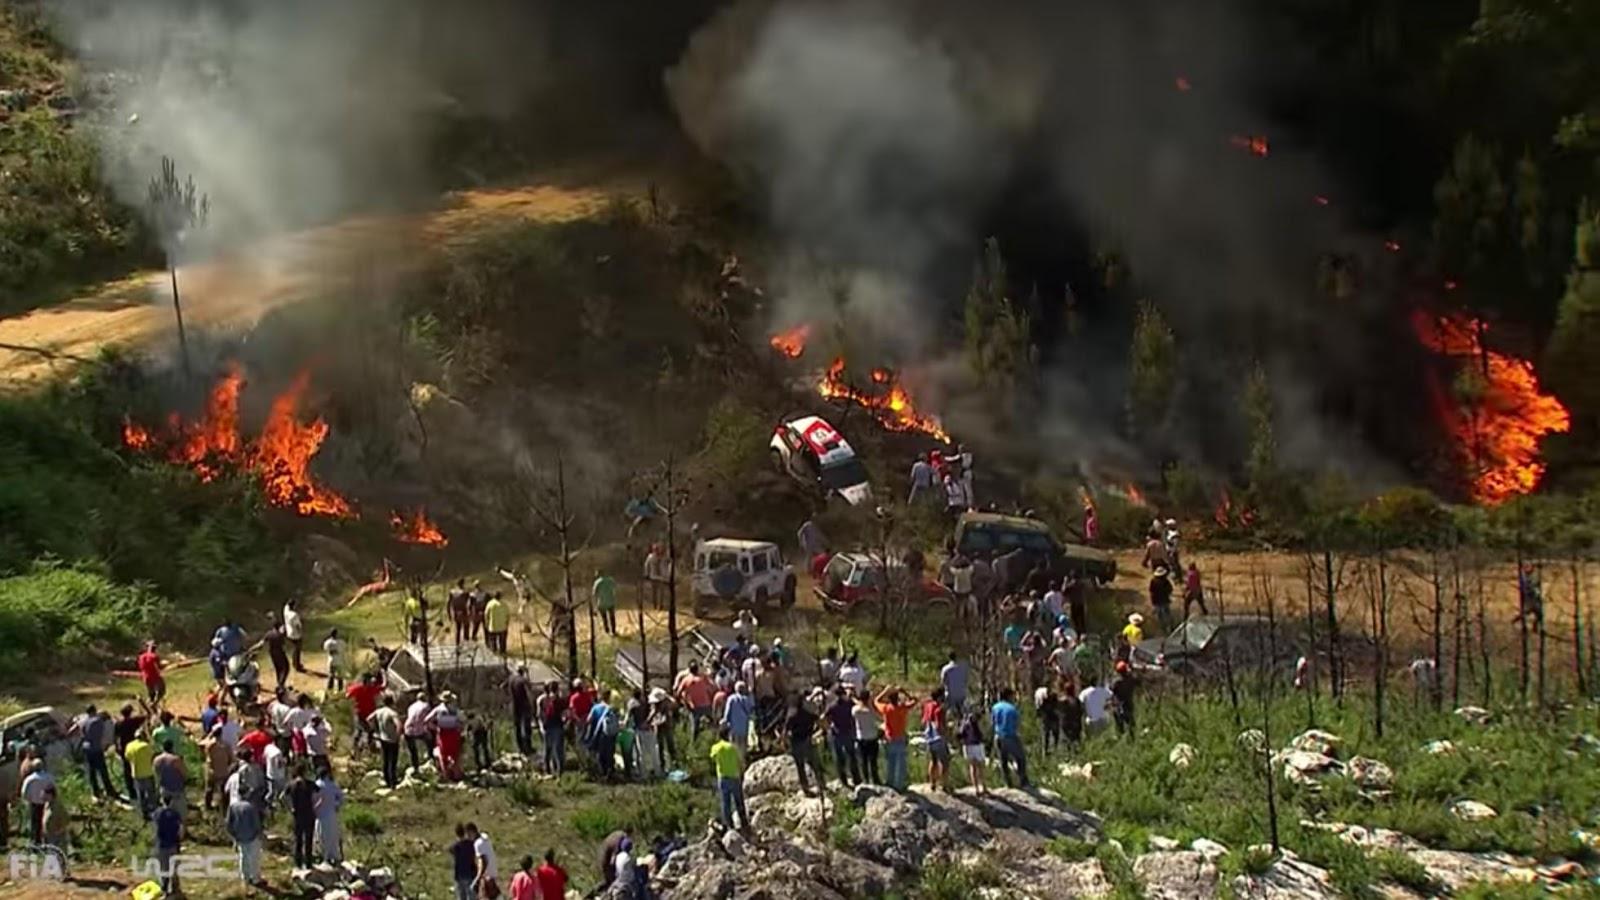 Giải đua đã tạm nghỉ...để chữa cháy rừng